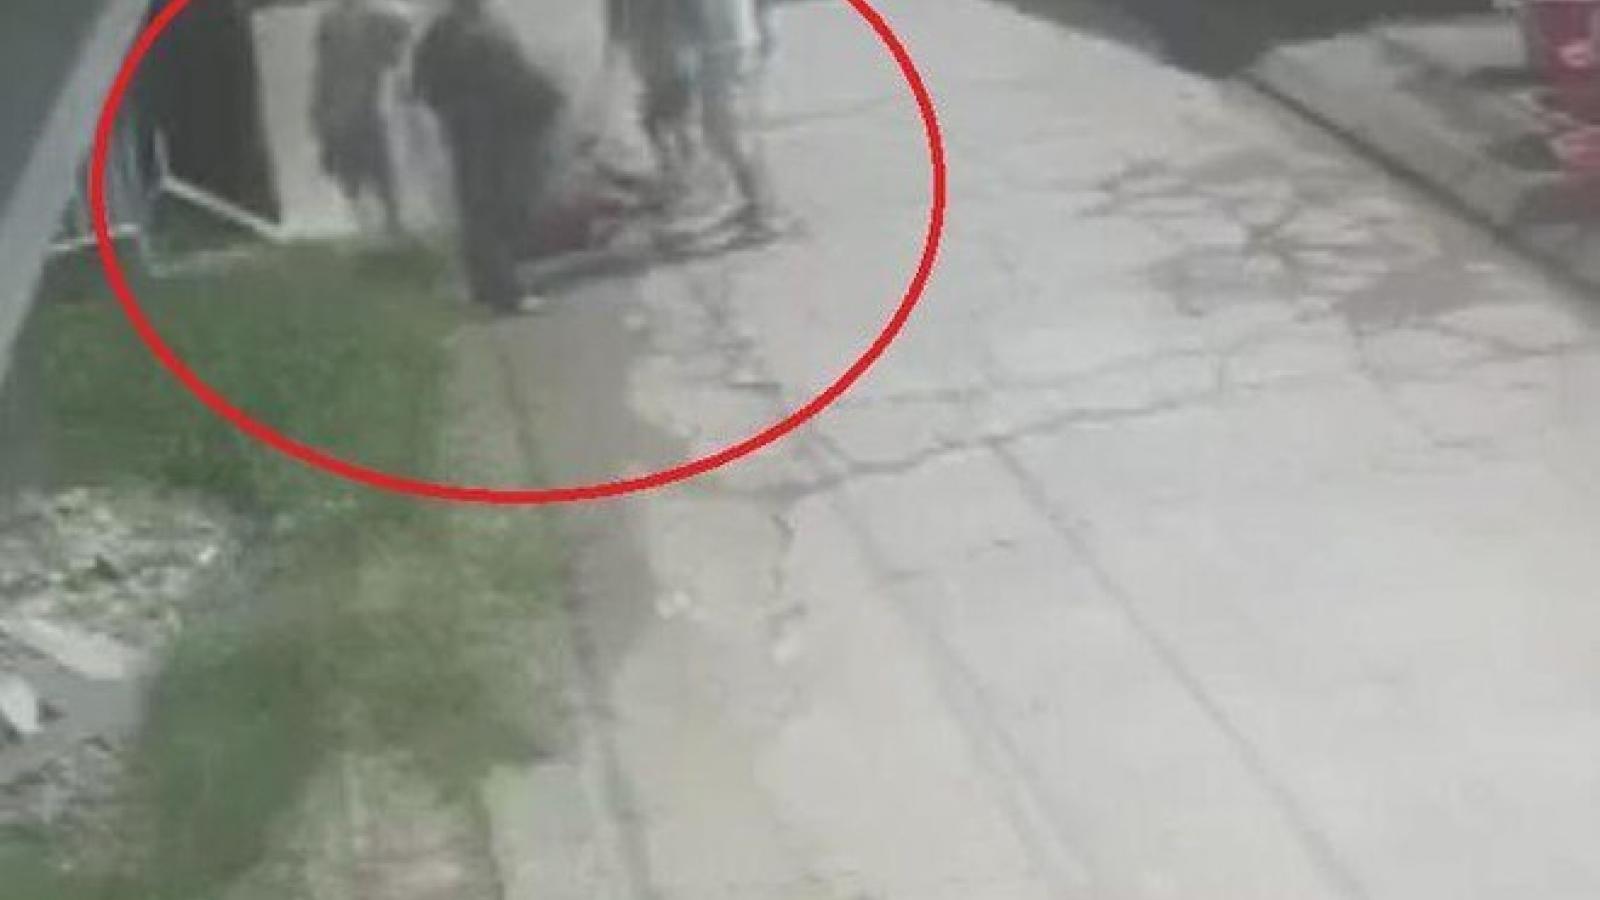 Xác định 5 người liên quan vụ người đàn ông chết trong tư thế bị trói